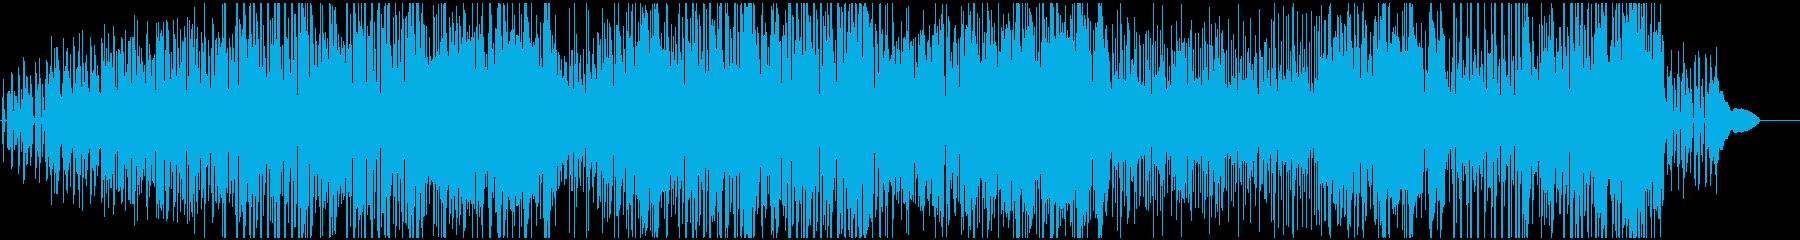 オープニングBGM激しめラテンで真夏気分の再生済みの波形